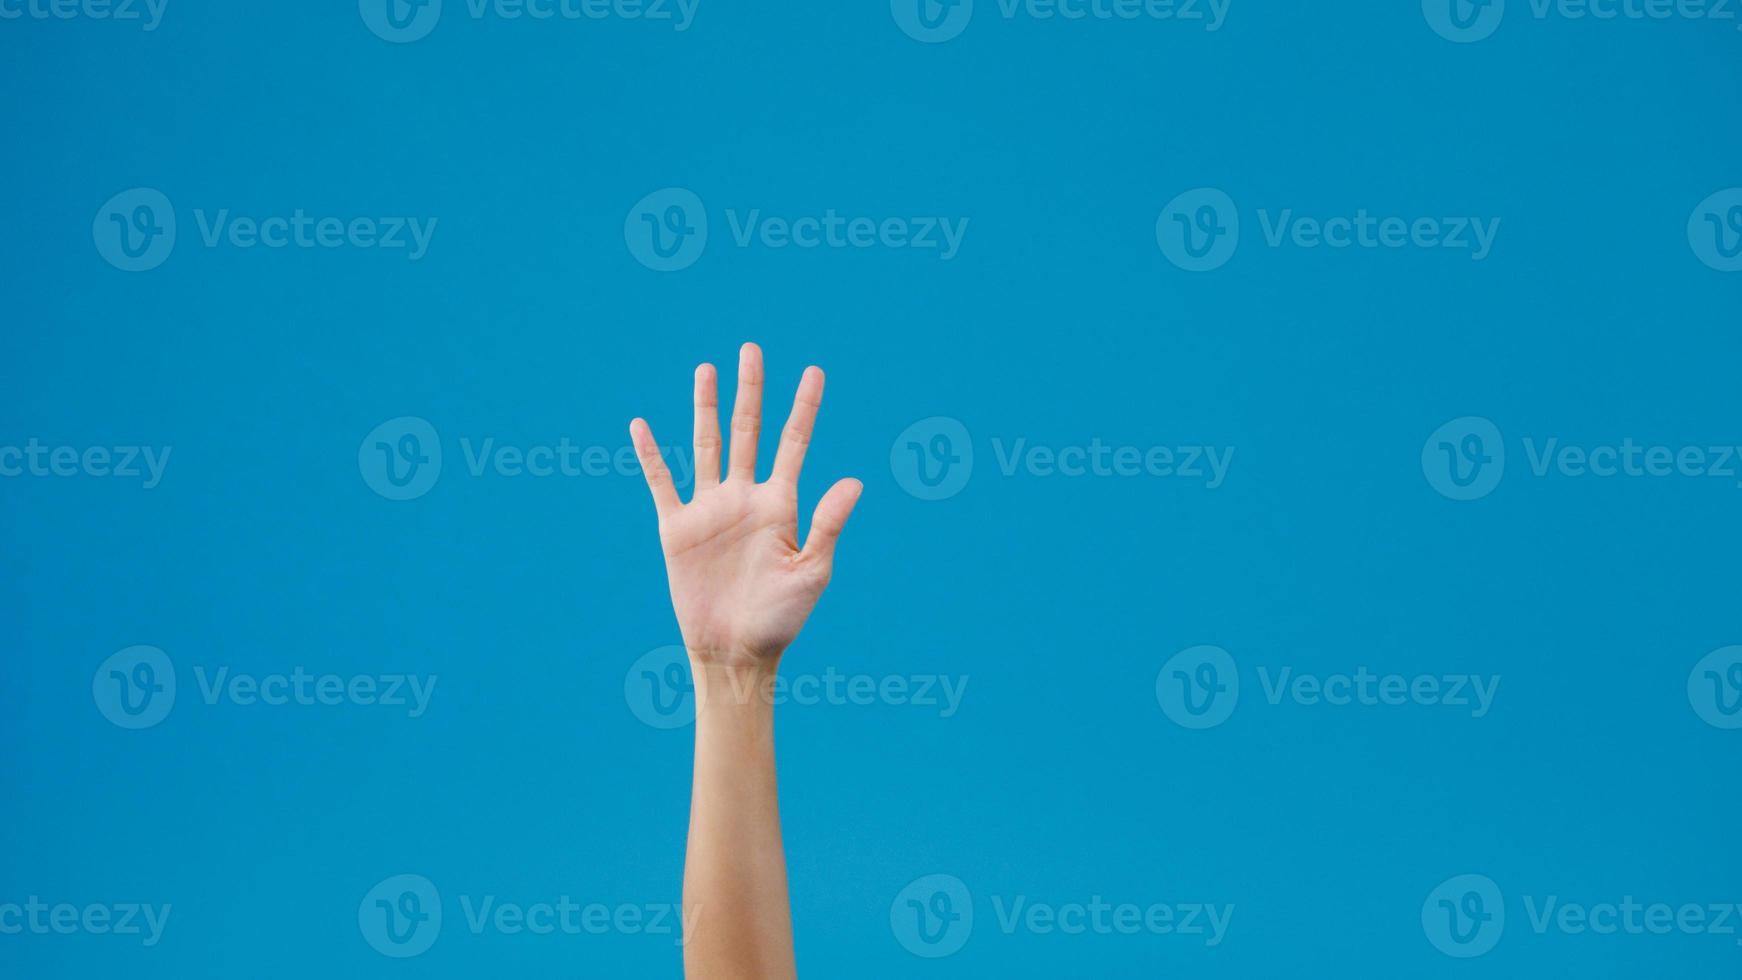 junge Frau winken Gruß zu sagen, auf Wiedersehen, Handgesten auf blauem Hintergrund isoliert. Kopieren Sie Platz für einen Text, eine Nachricht für die Werbung. Werbefläche, Mock-up-Werbeinhalte. foto